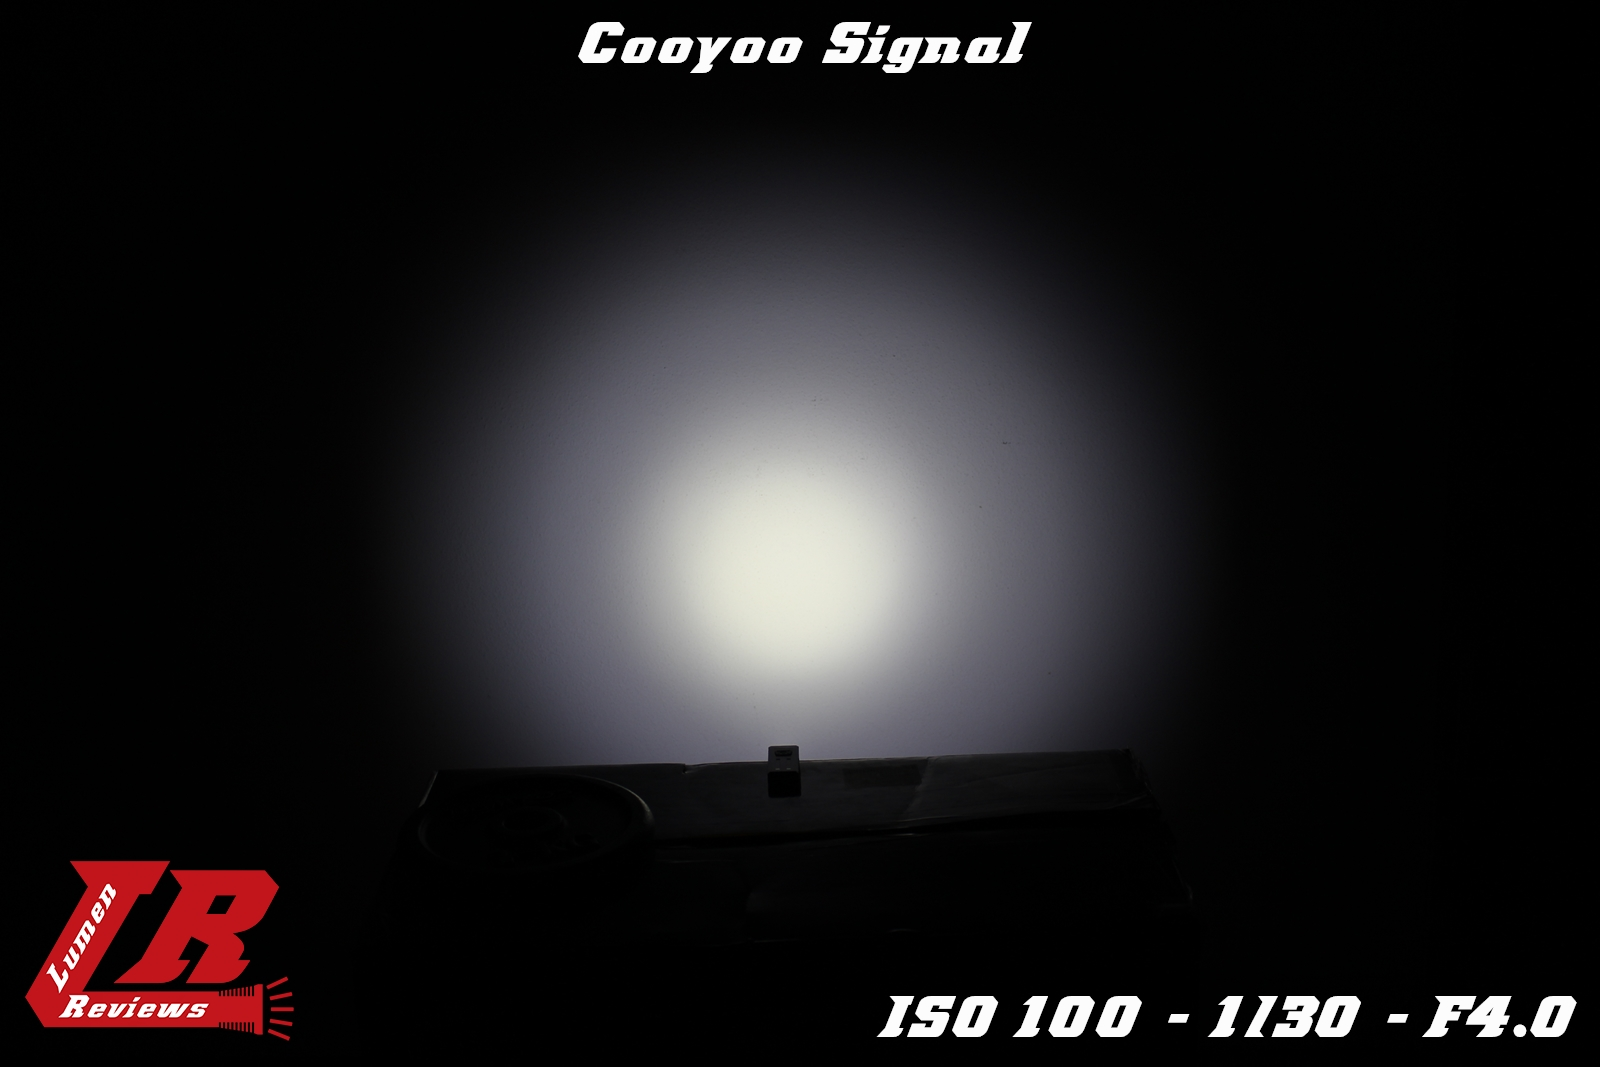 Cooyoo Usignal 15